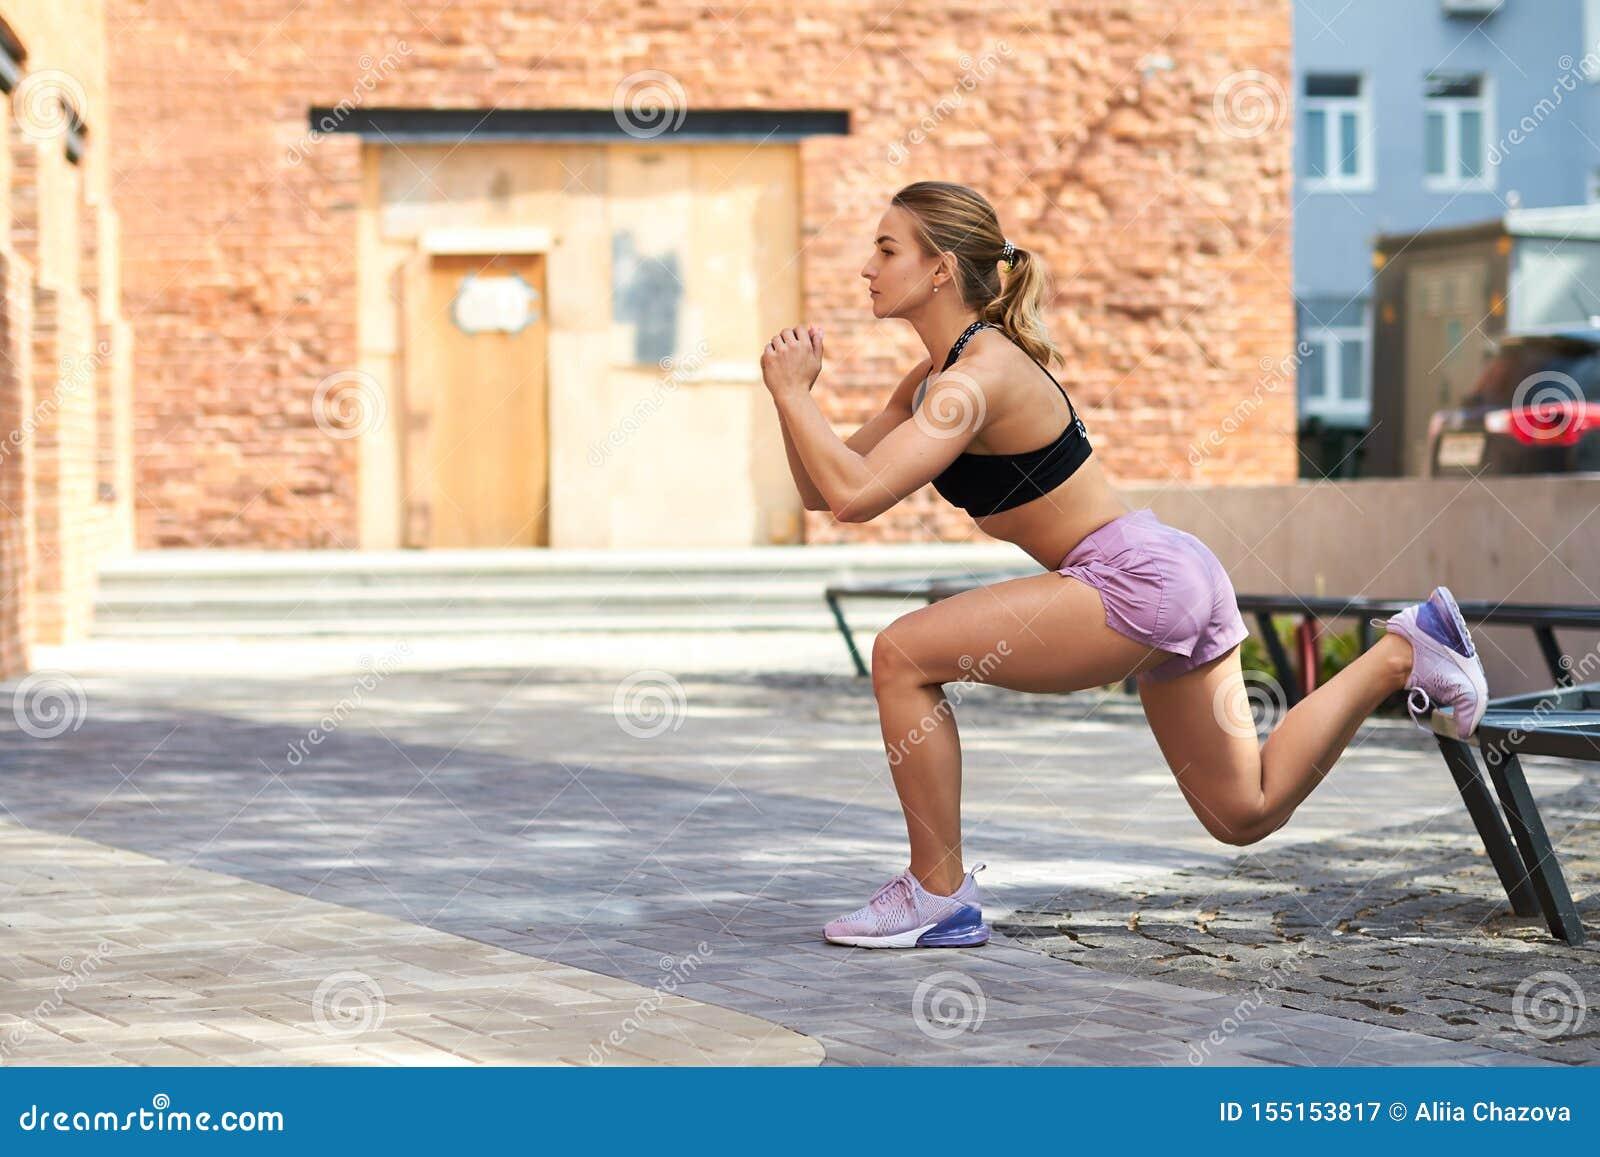 Sportig slank flicka i svart överkant och kortslutningar som gör utfallövning